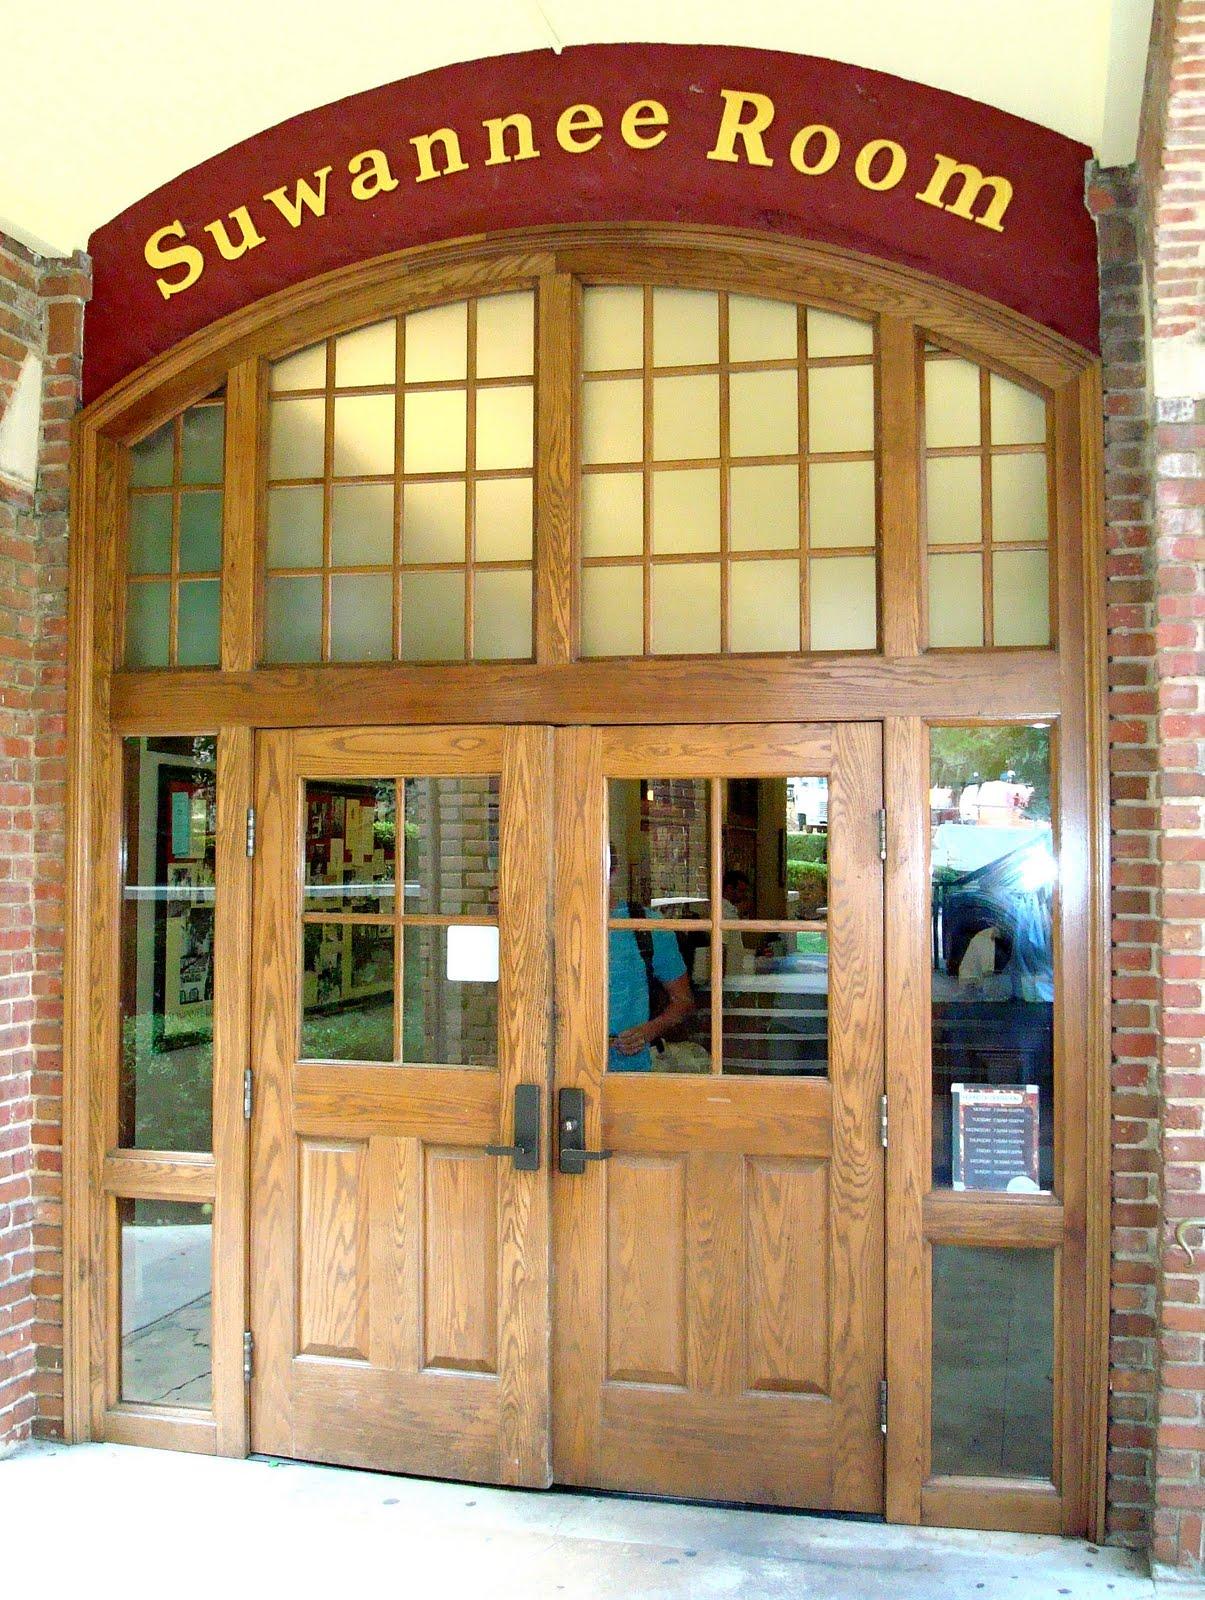 suwannee women 17-43cf (suwannee county sheriff's office) prob in jail booking no: scso18jbn000773 mnino: scso18mni002744.